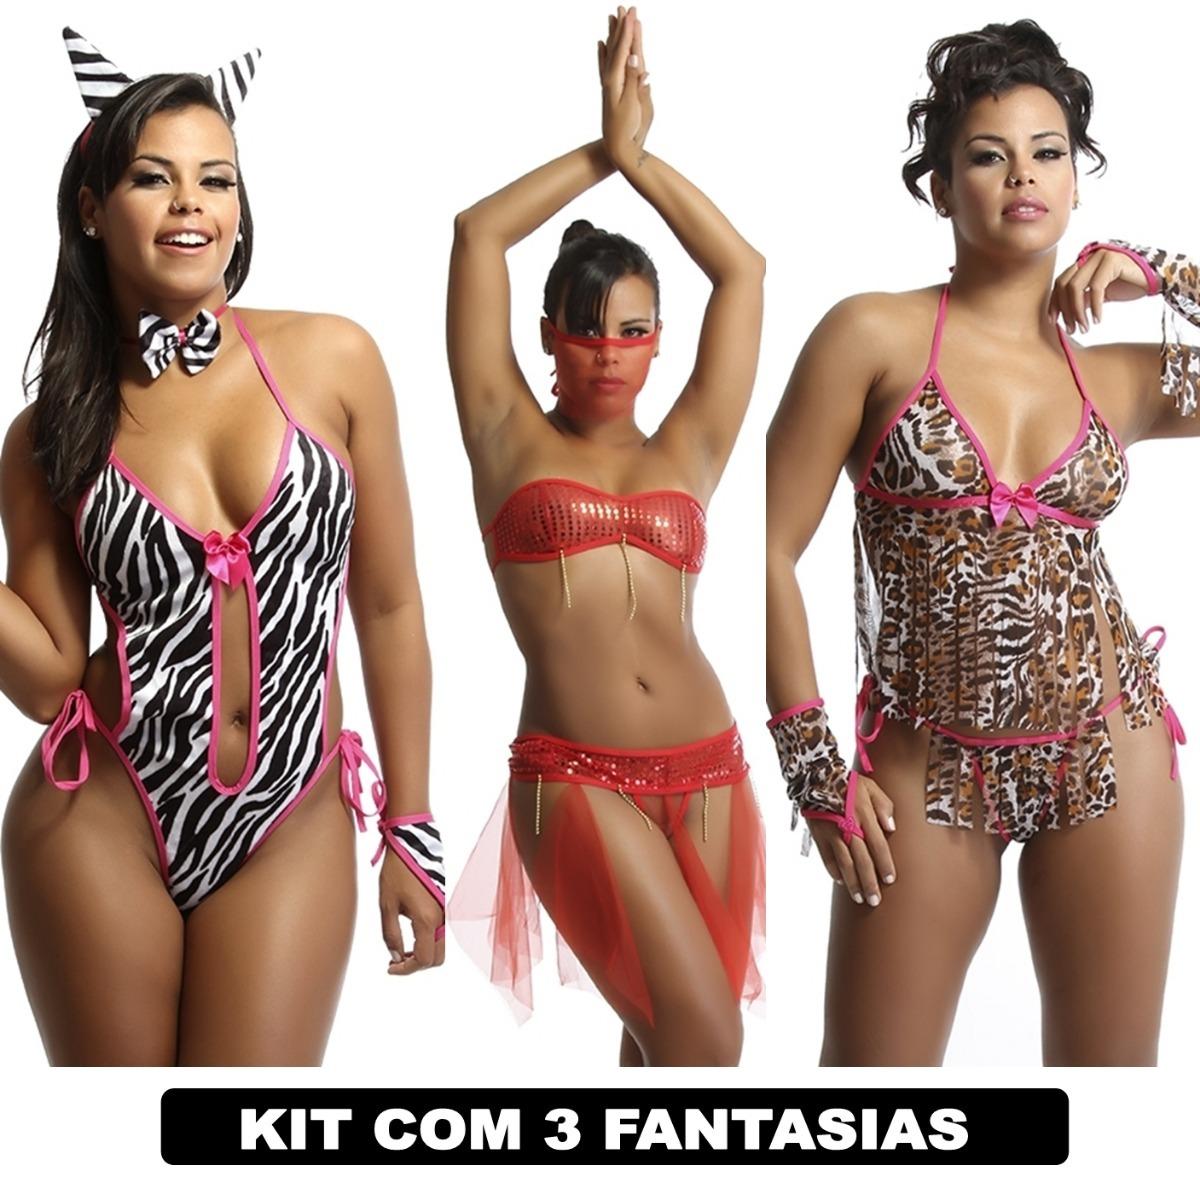 b145d496c moda intima lingerie atacado sensual kit com 3 lingerie. Carregando zoom.